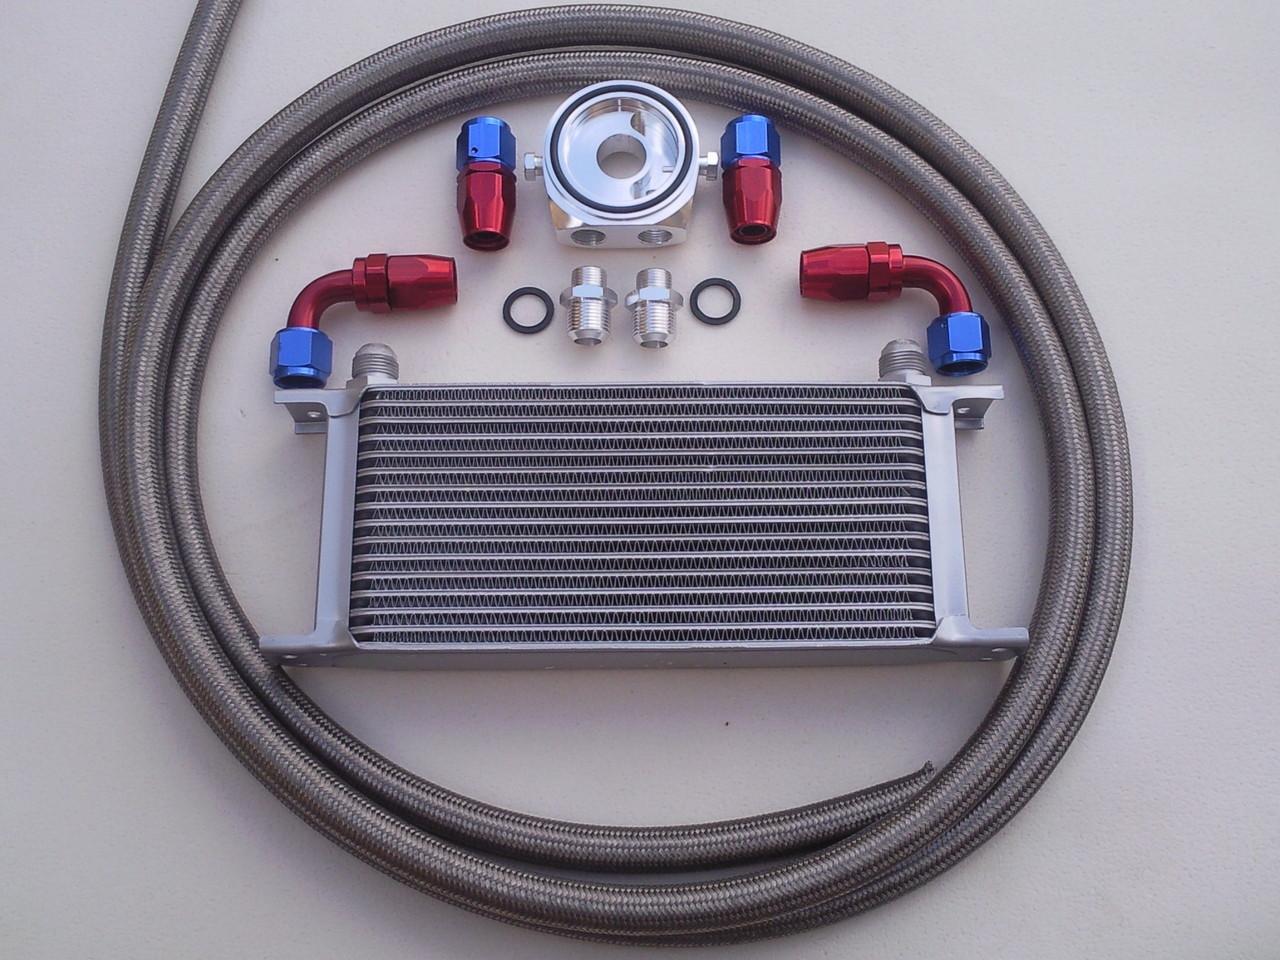 radiateurs d 39 huile kits complets et accessoires dp race pi ces et accessoires pour le sport auto. Black Bedroom Furniture Sets. Home Design Ideas